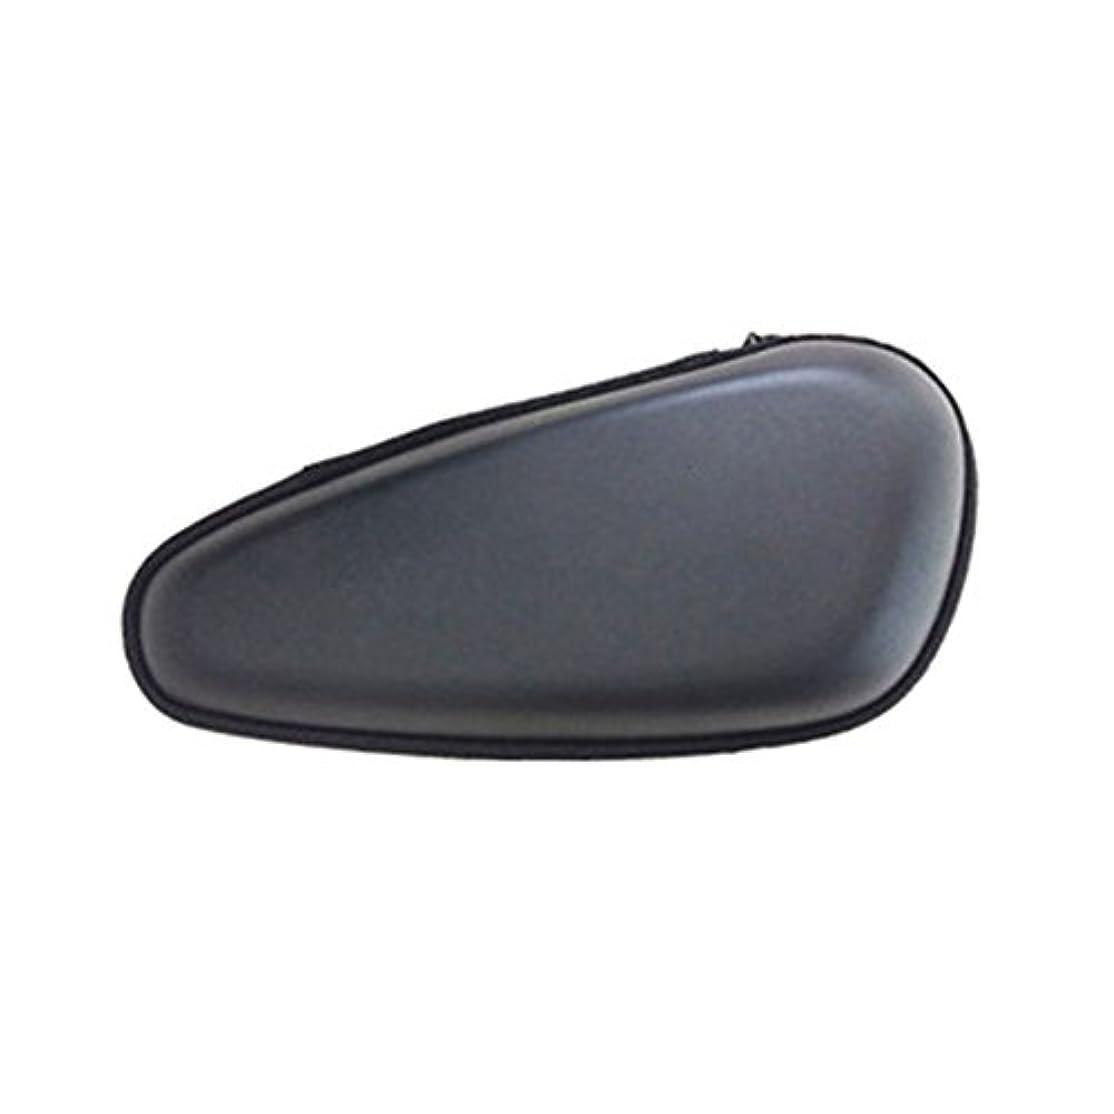 引退する新しさ場所HZjundasi Replacement シェーバートラベルケースバッグ for Philips HQ912/909/986/917/904/902